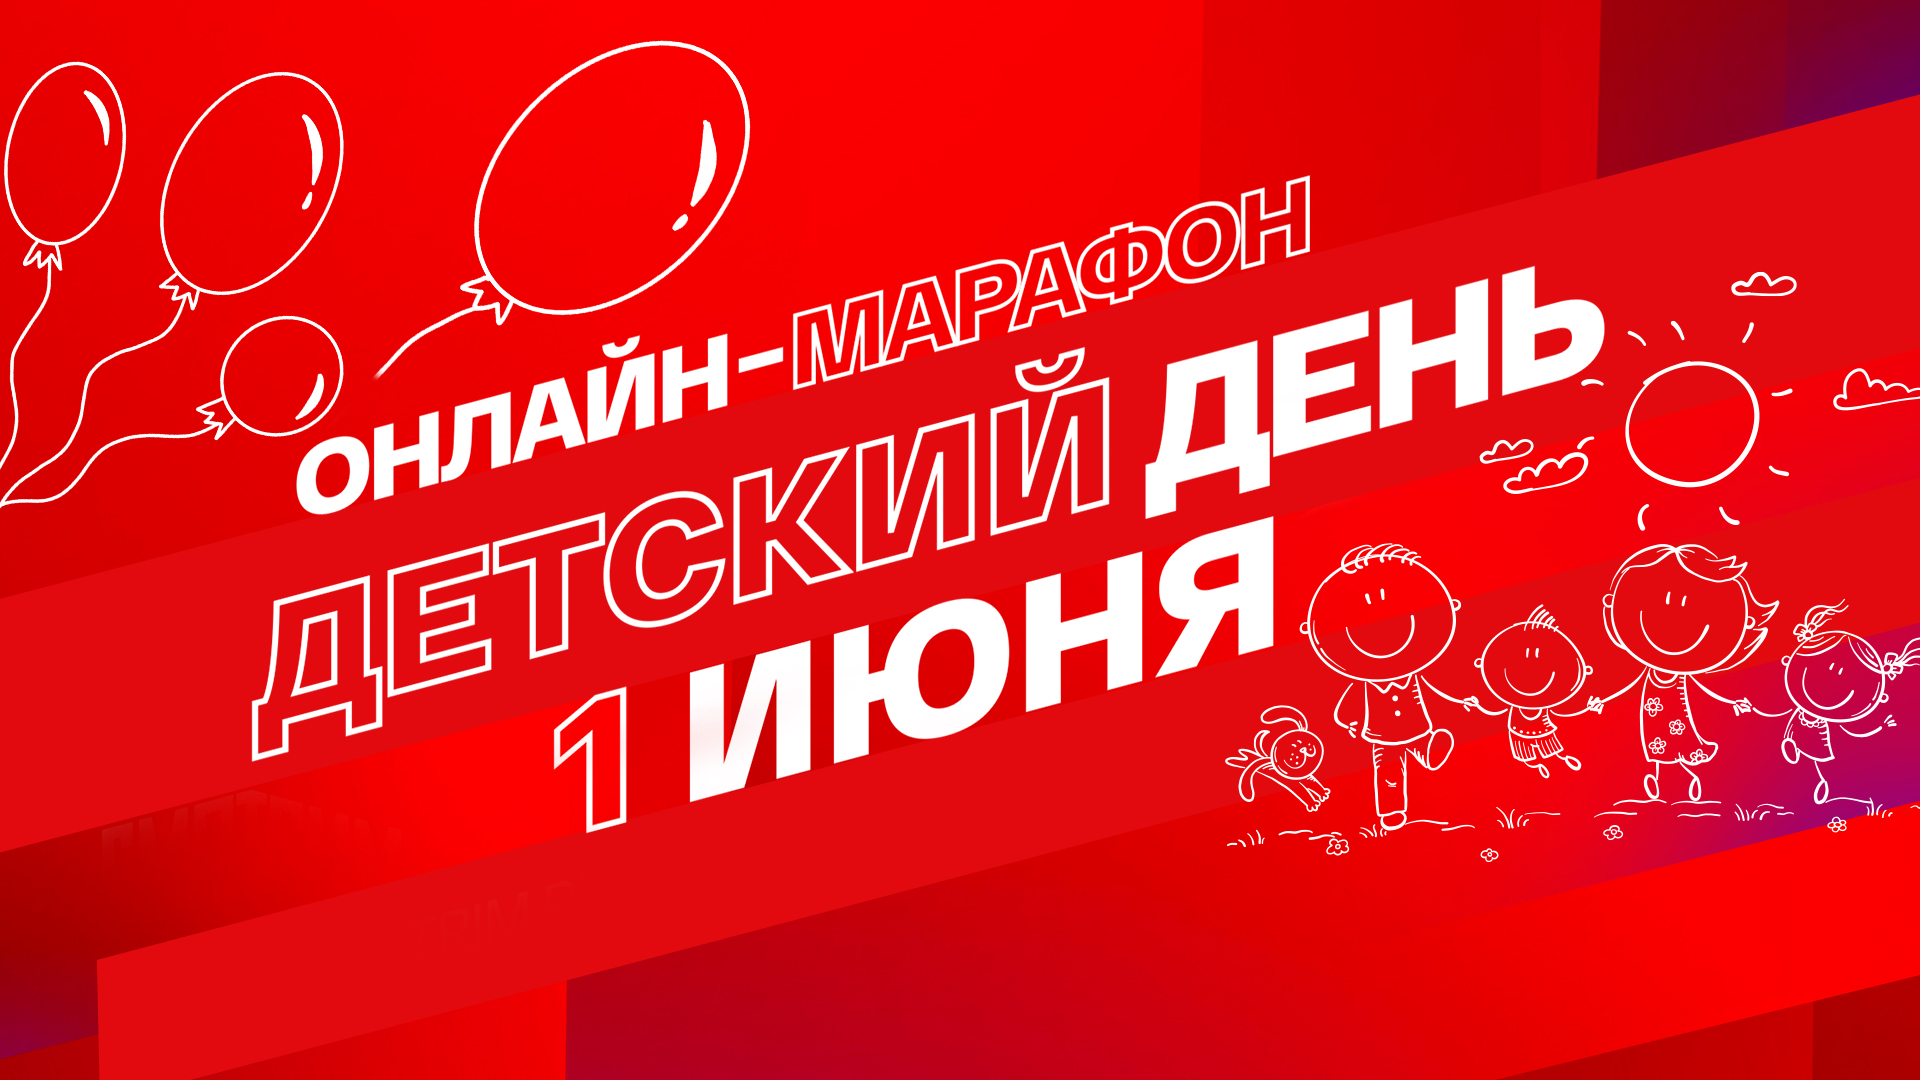 ОНЛАЙН-МАРАФОН «СМОТРИМ. ДЕТСКИЙ ДЕНЬ»